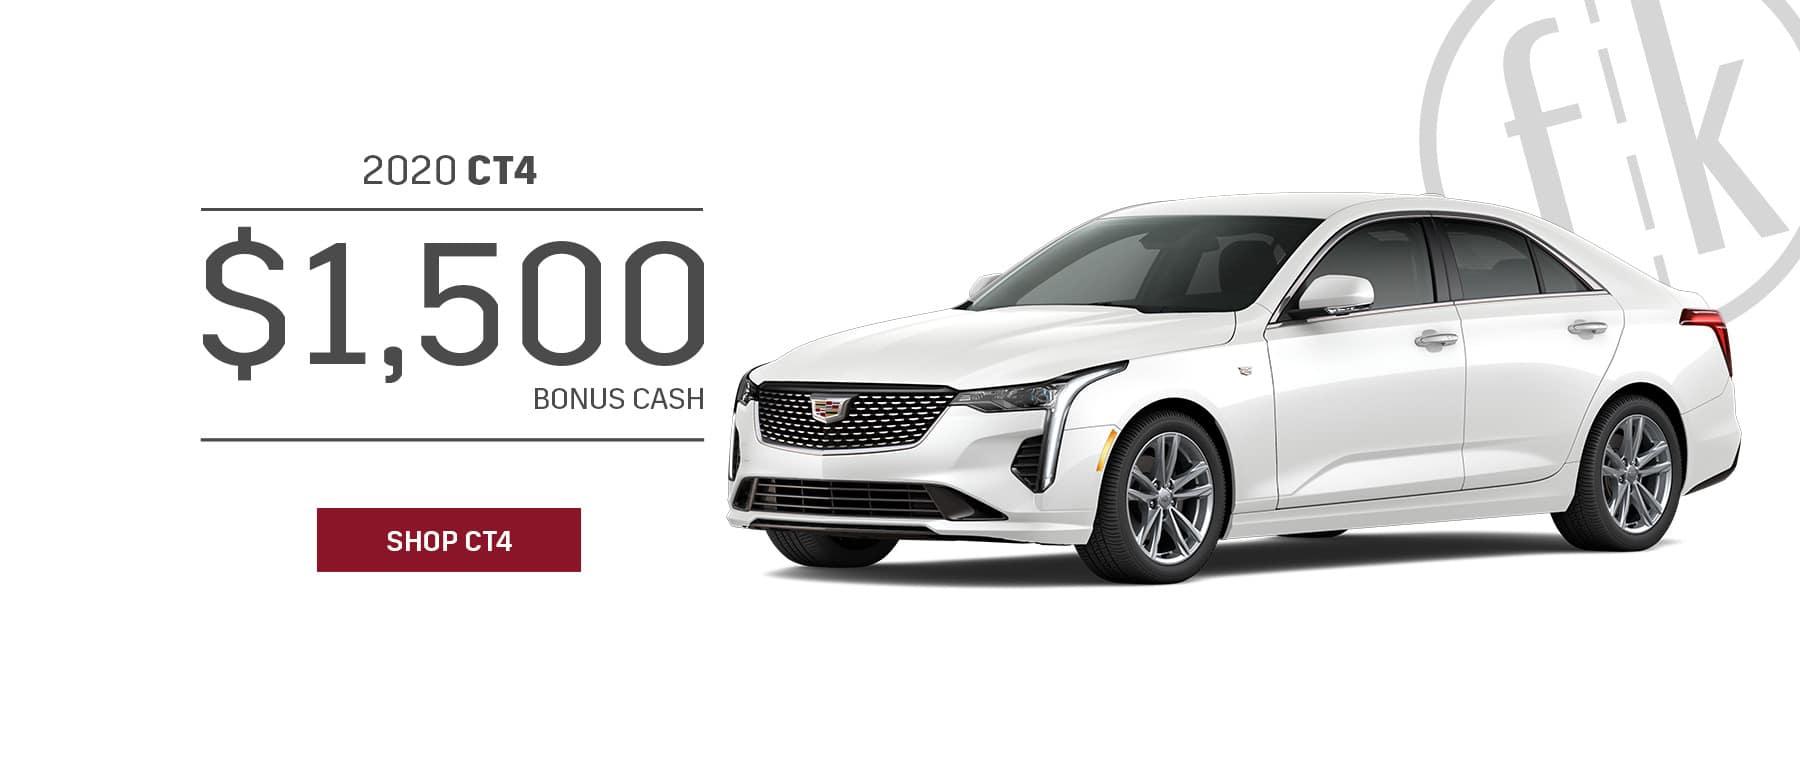 2020 CT4 $1,500 Bonus Cash